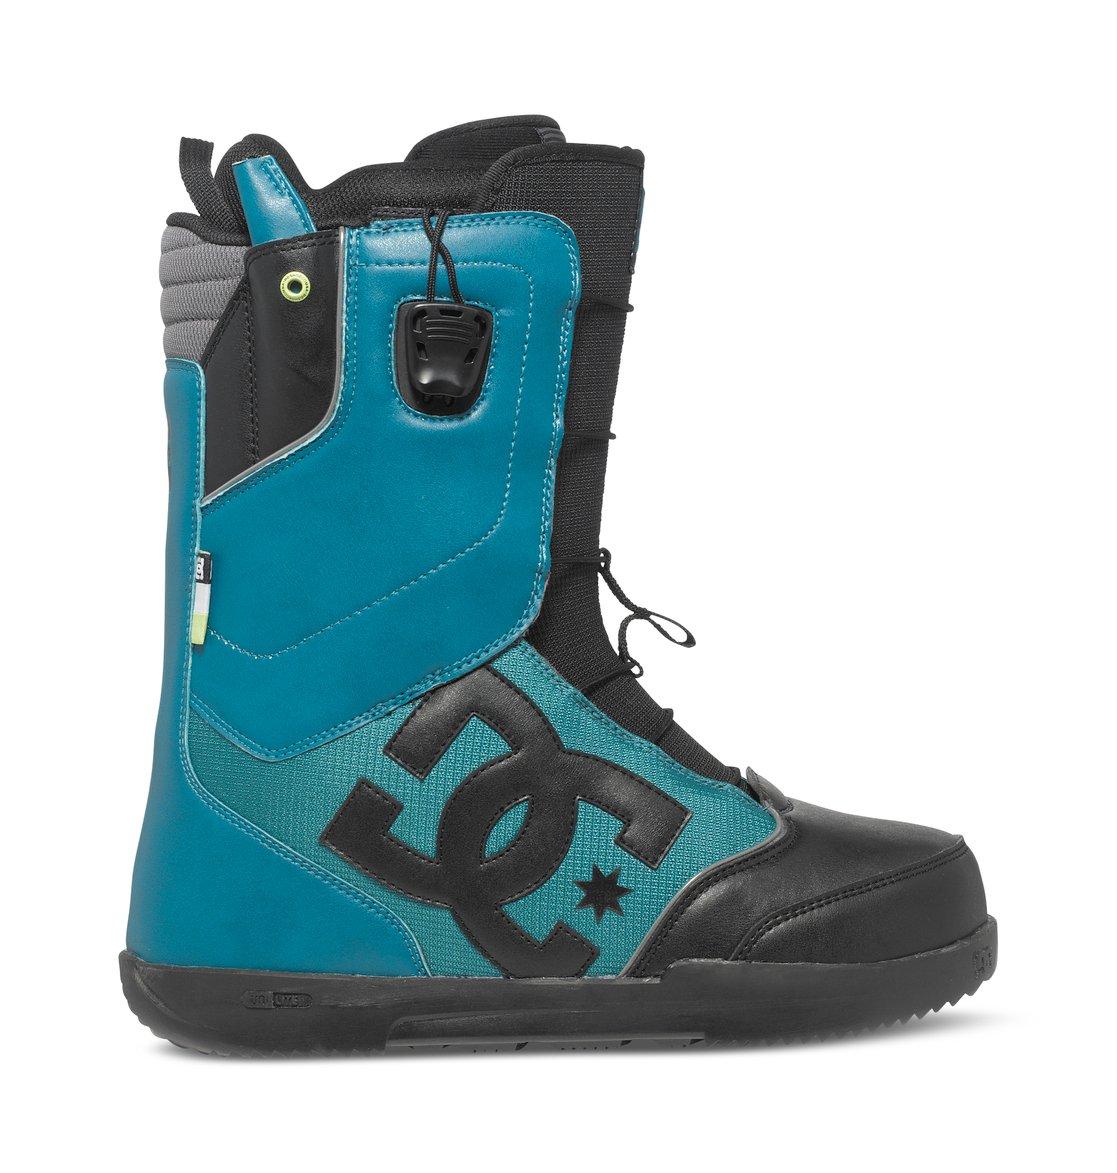 Здесь можно купить   Avaris Ботинки для сноуборда